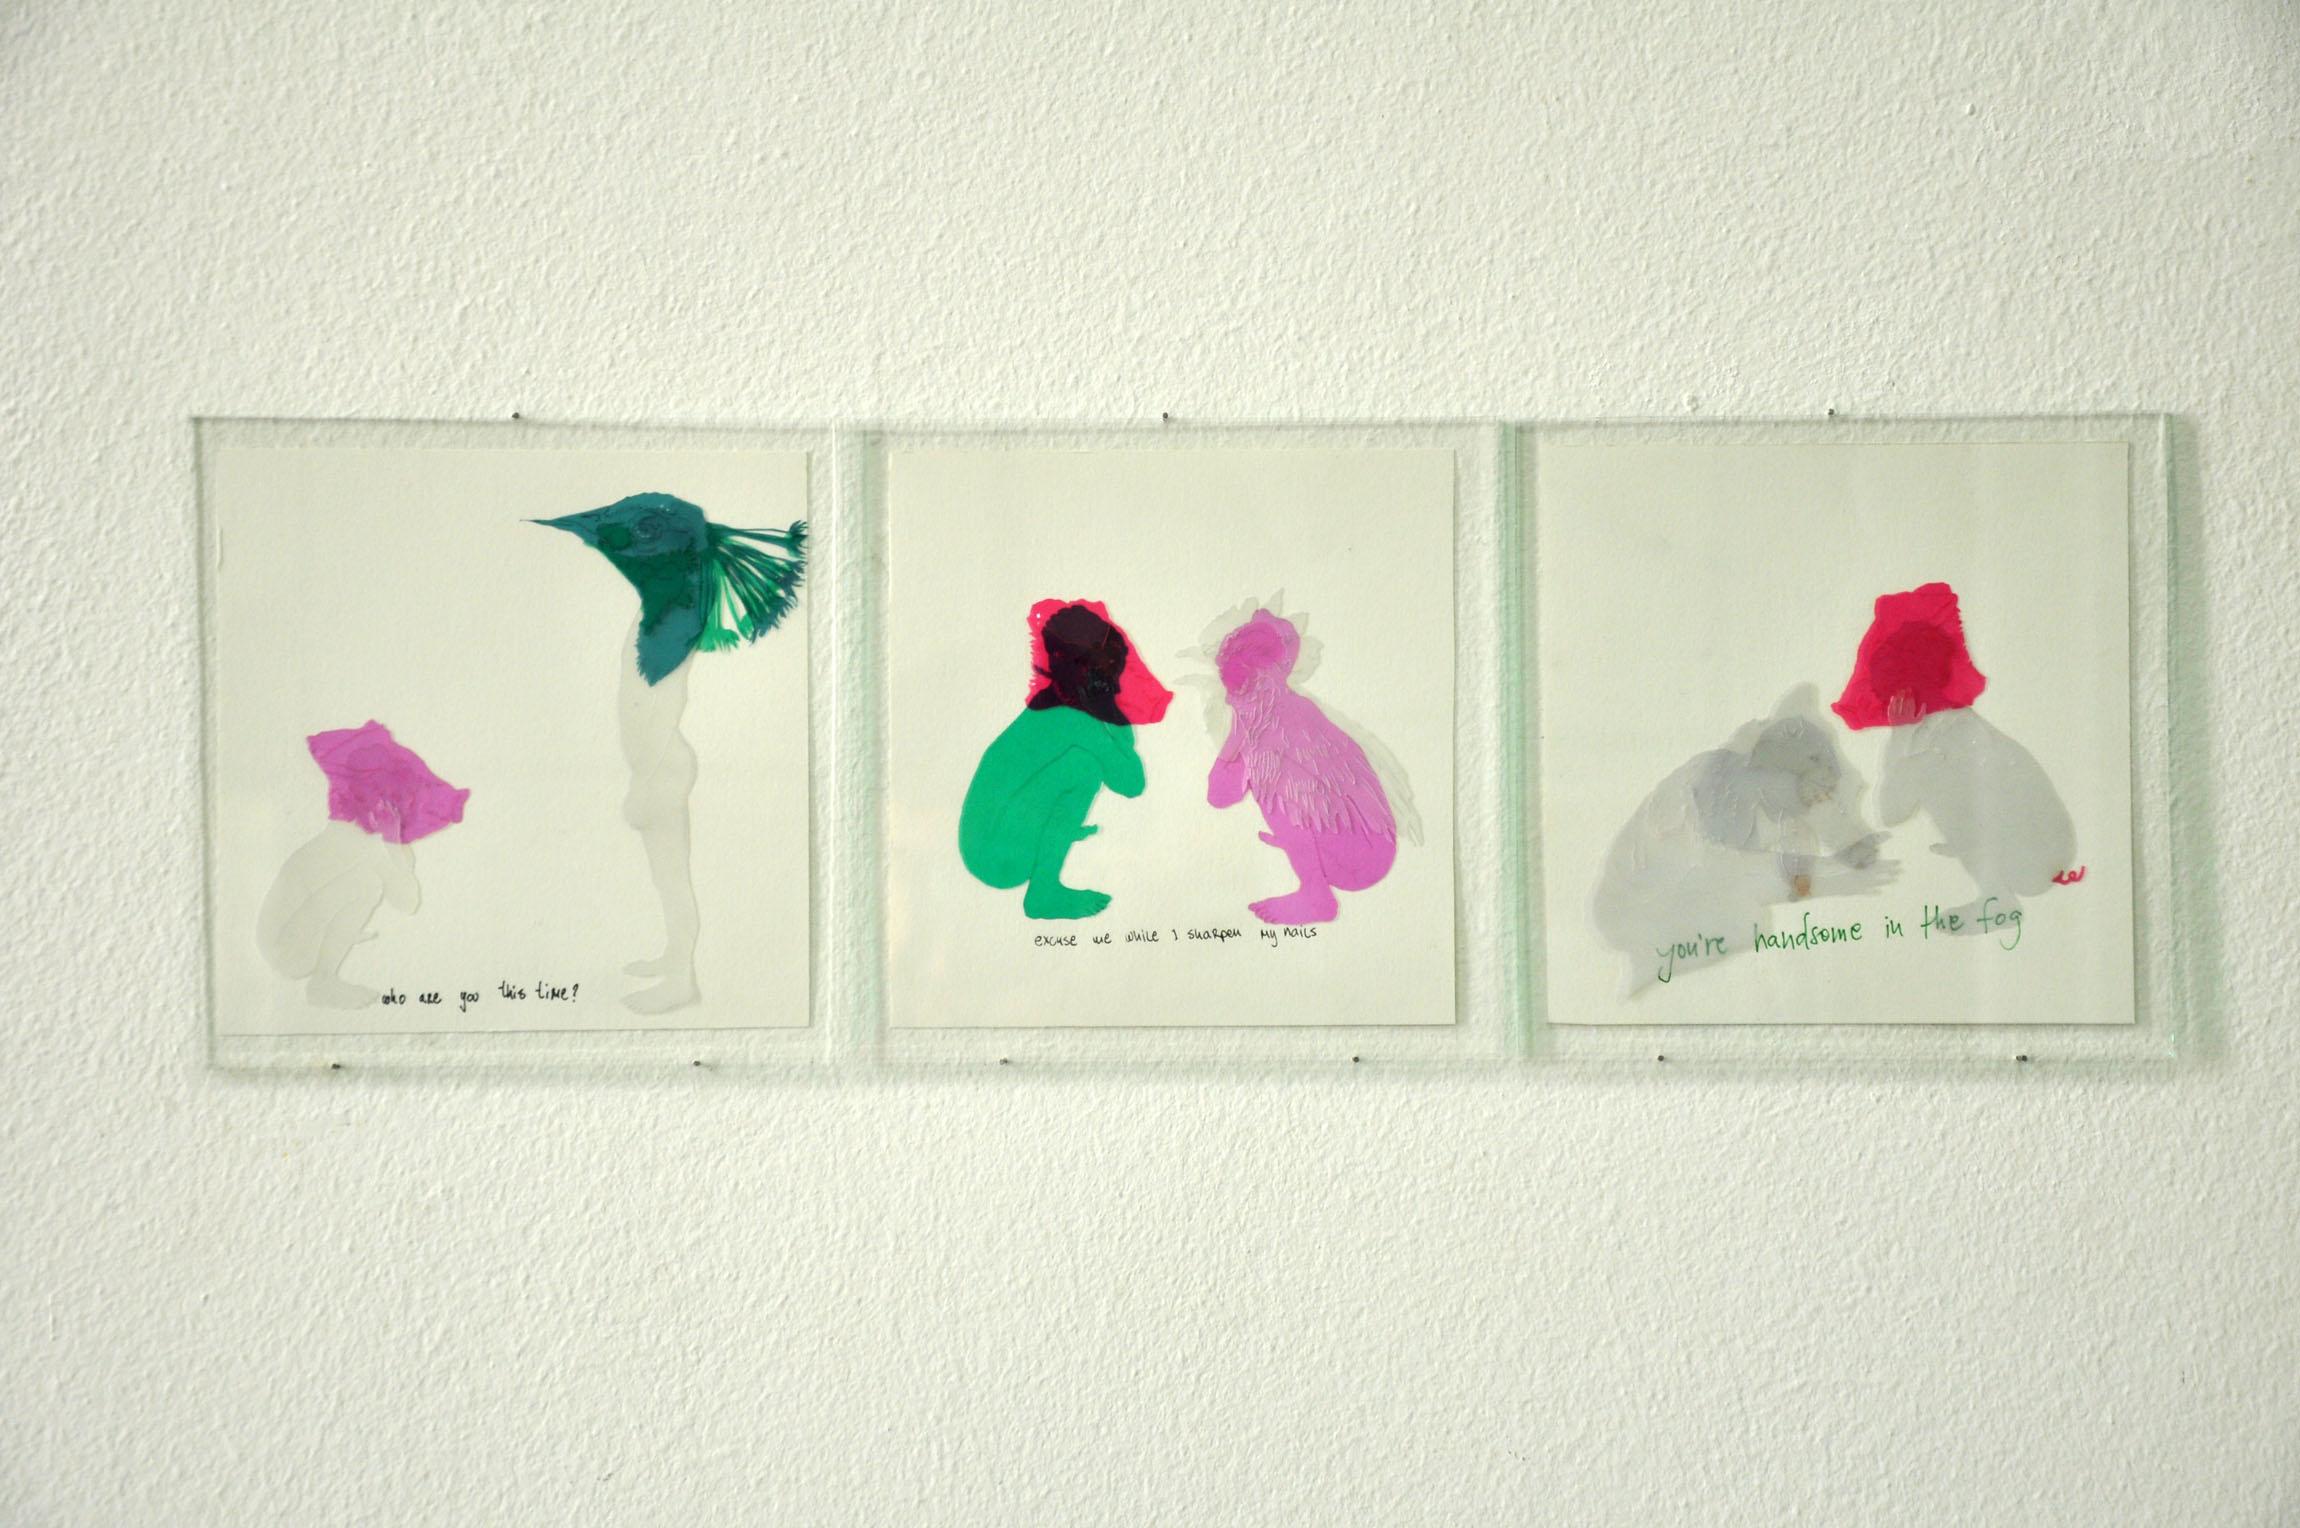 Studio 8 - 2013, Marija Markovic